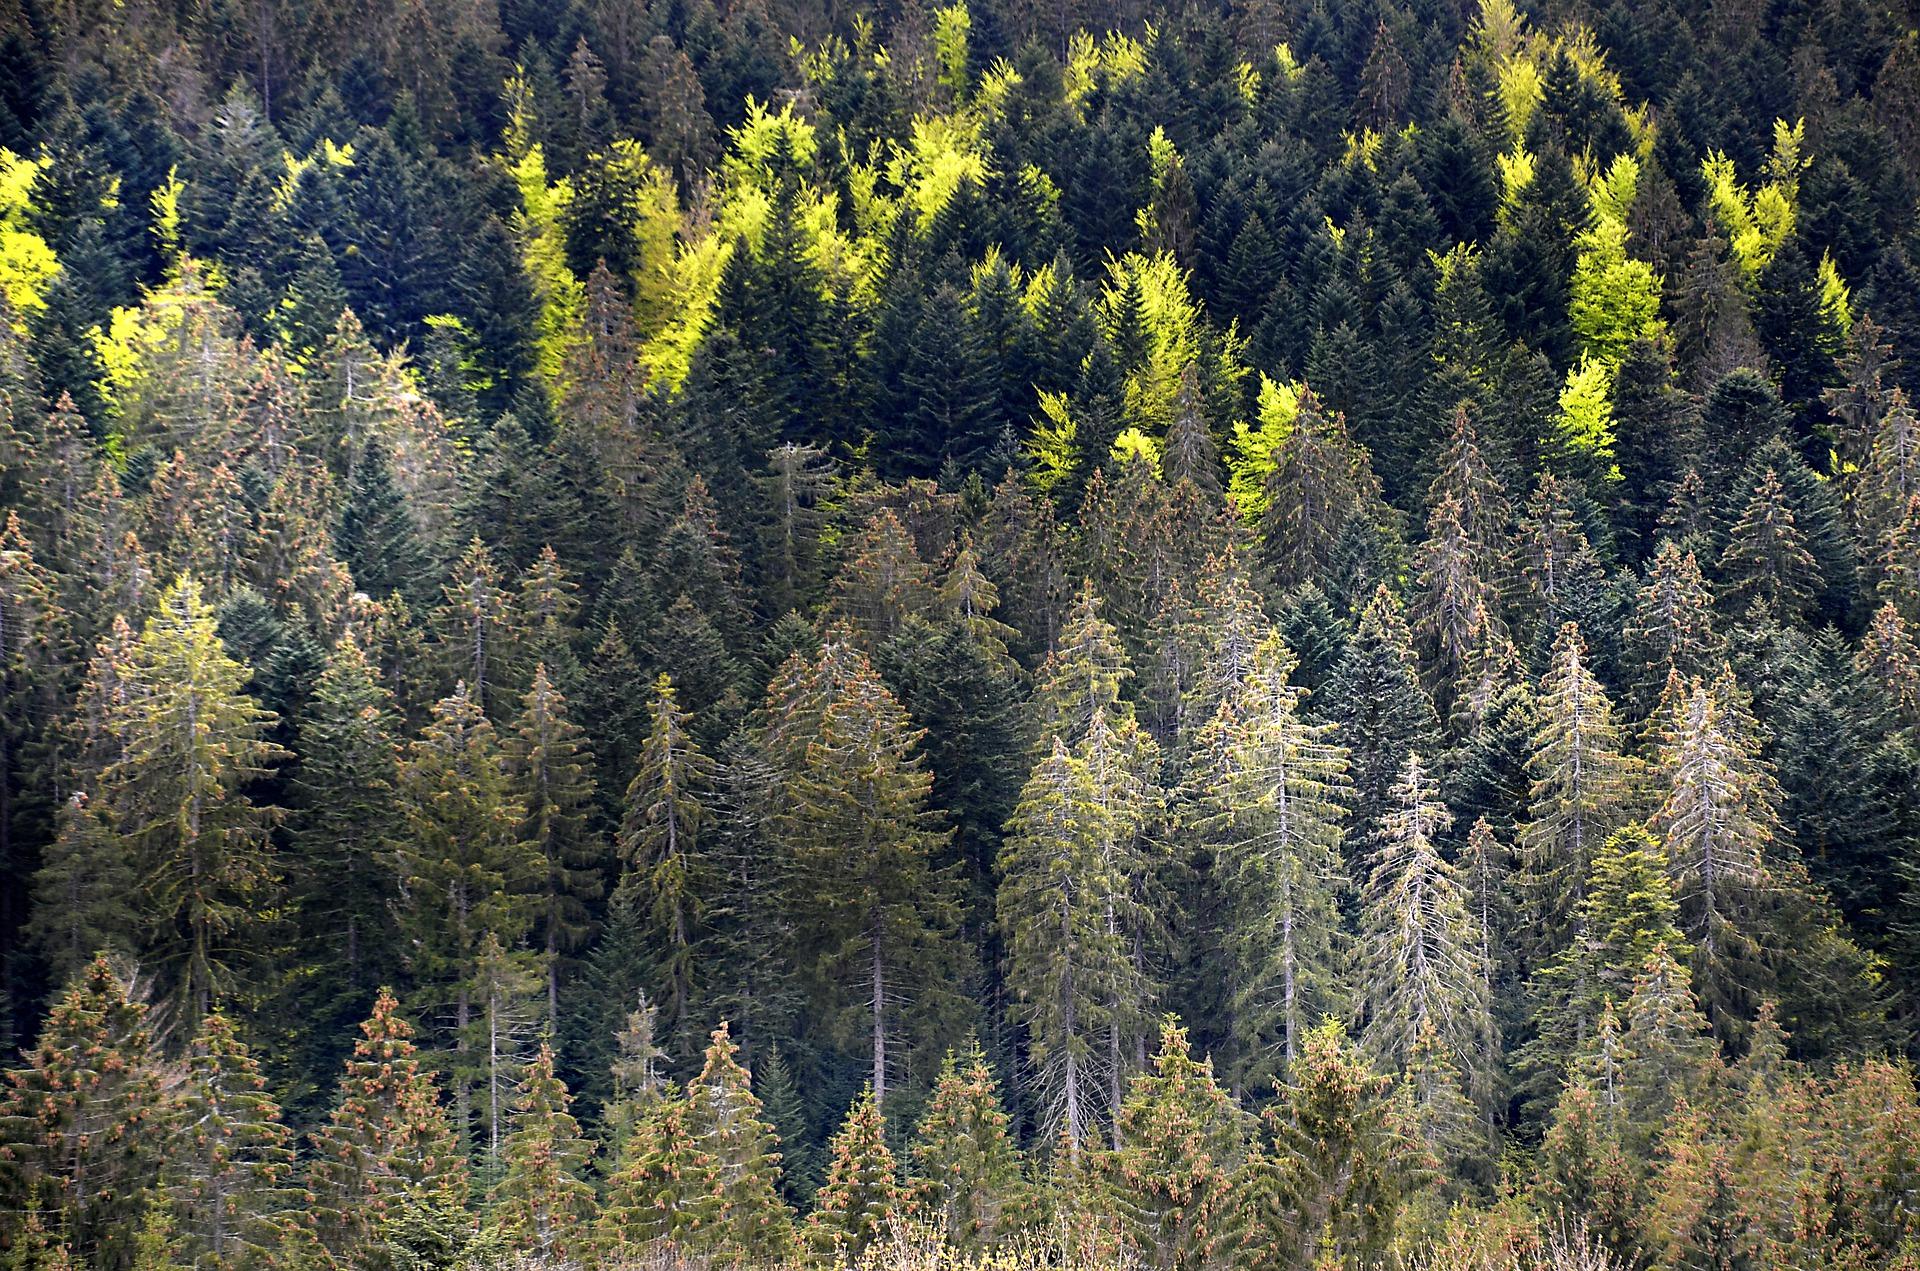 Sécheresse : les forêts en danger